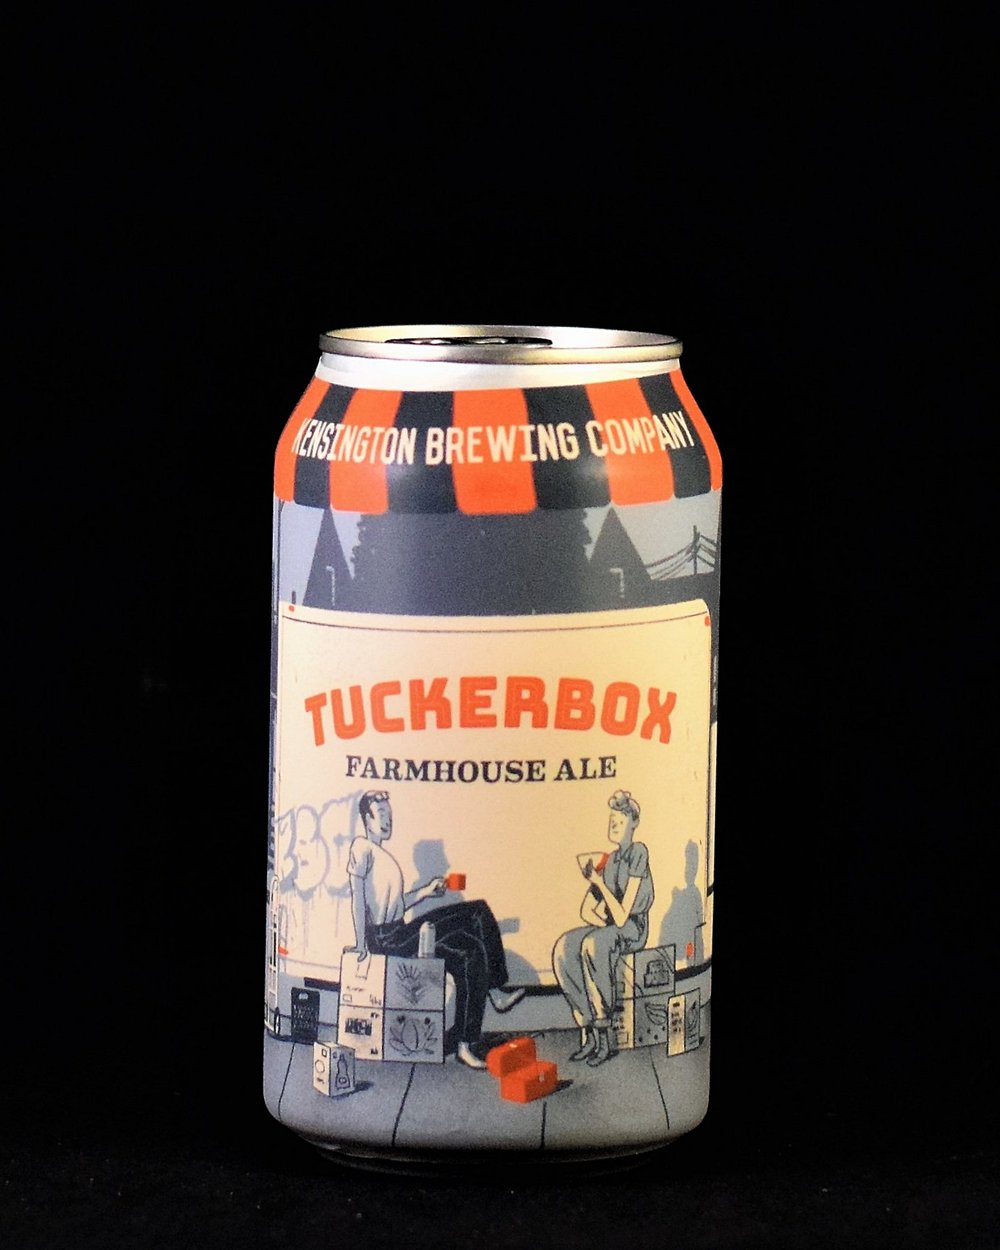 Kensington - Tuckerbox